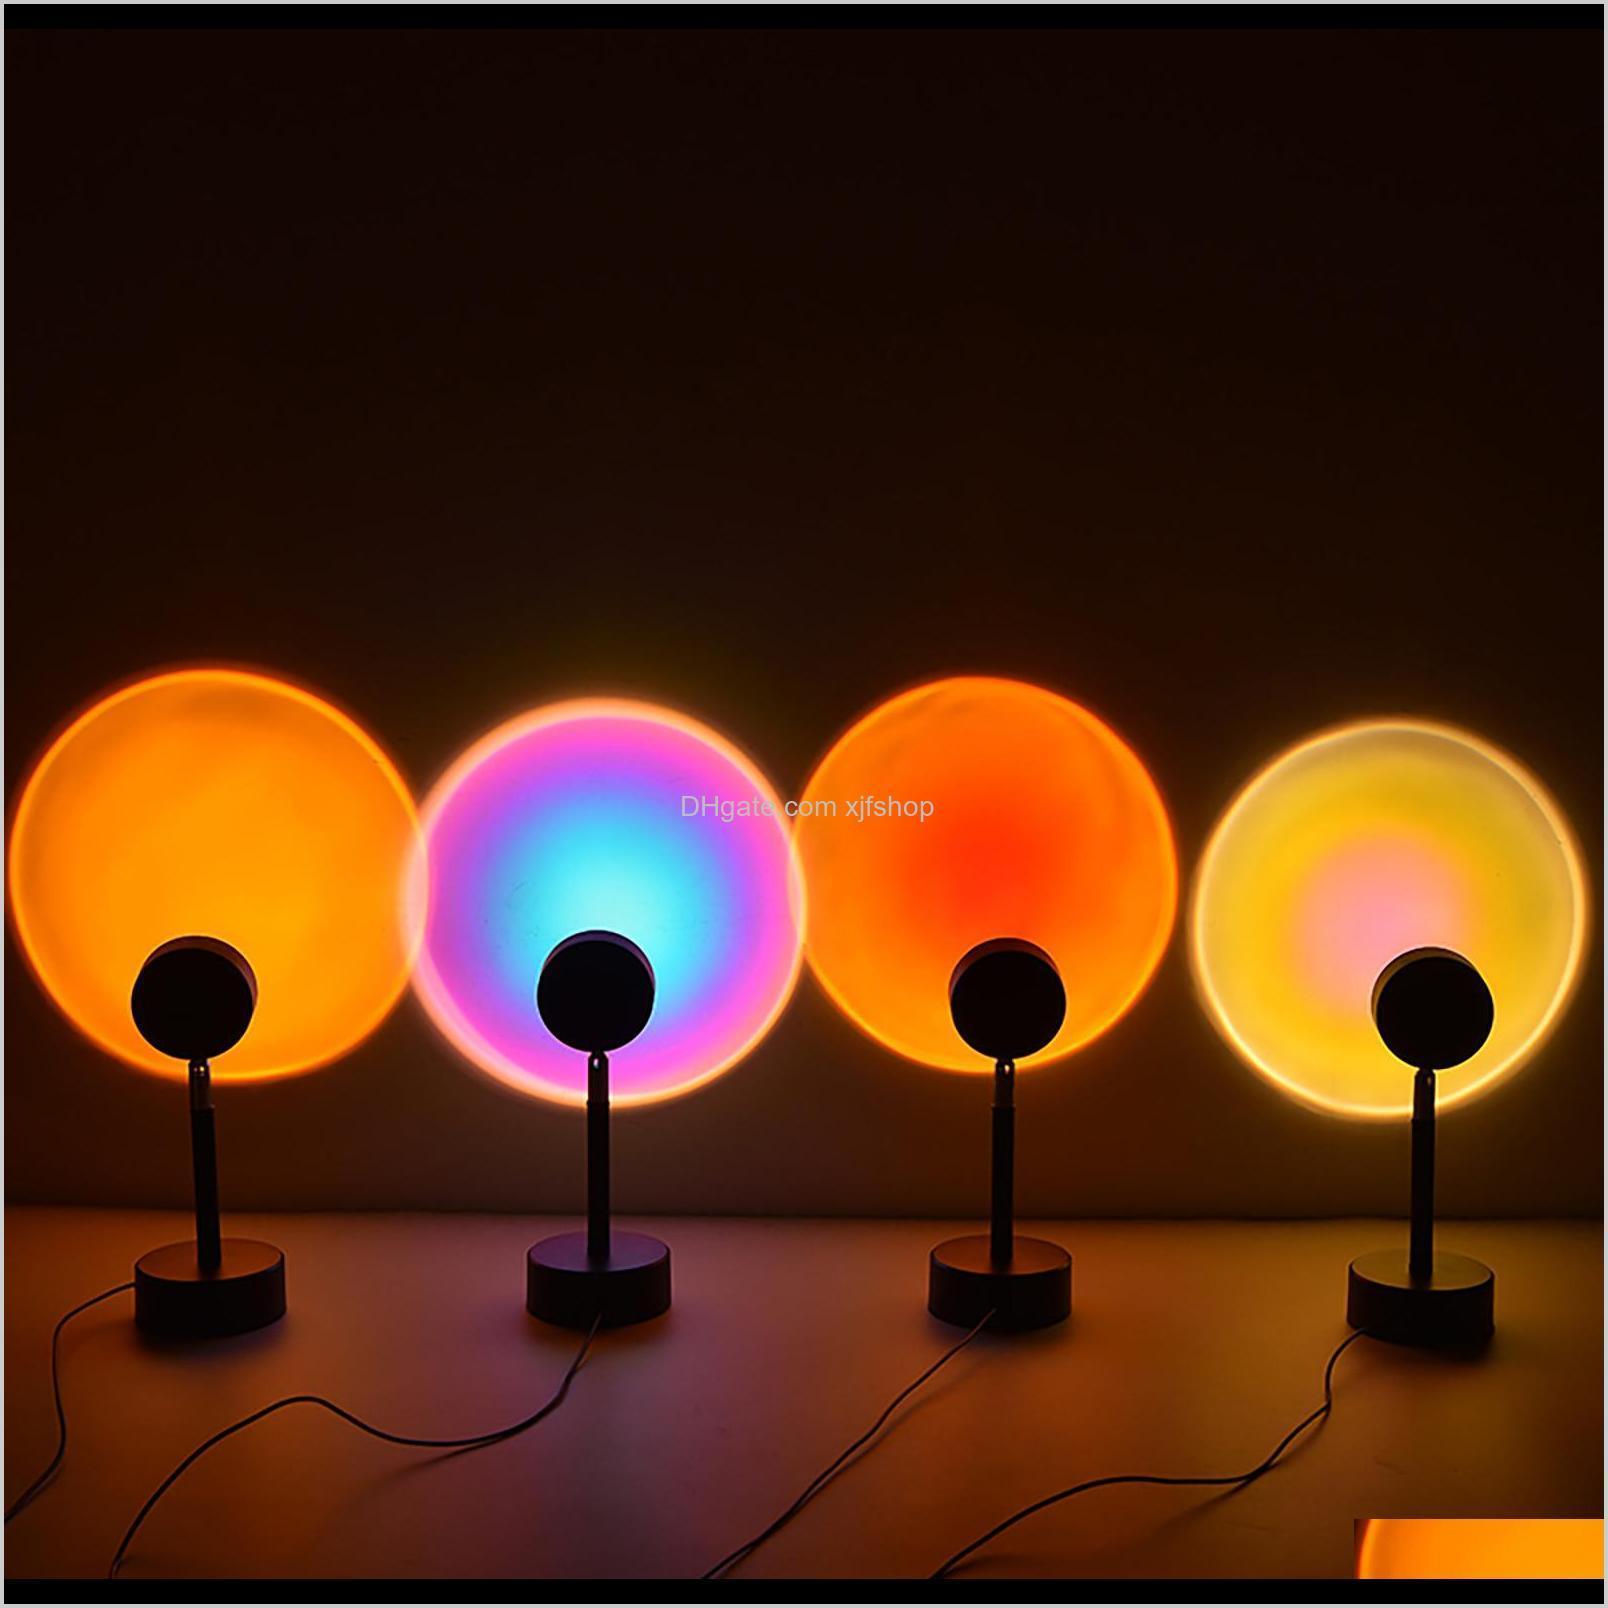 LED GADGET Proyector Proyección de proyección Luz de la puesta del sol con 180 ° Rotatable USB Carga del arco iris Lámpara de dormitorio Lámpara de la sala de vivienda PO FOOD WOFS9 2L1XU